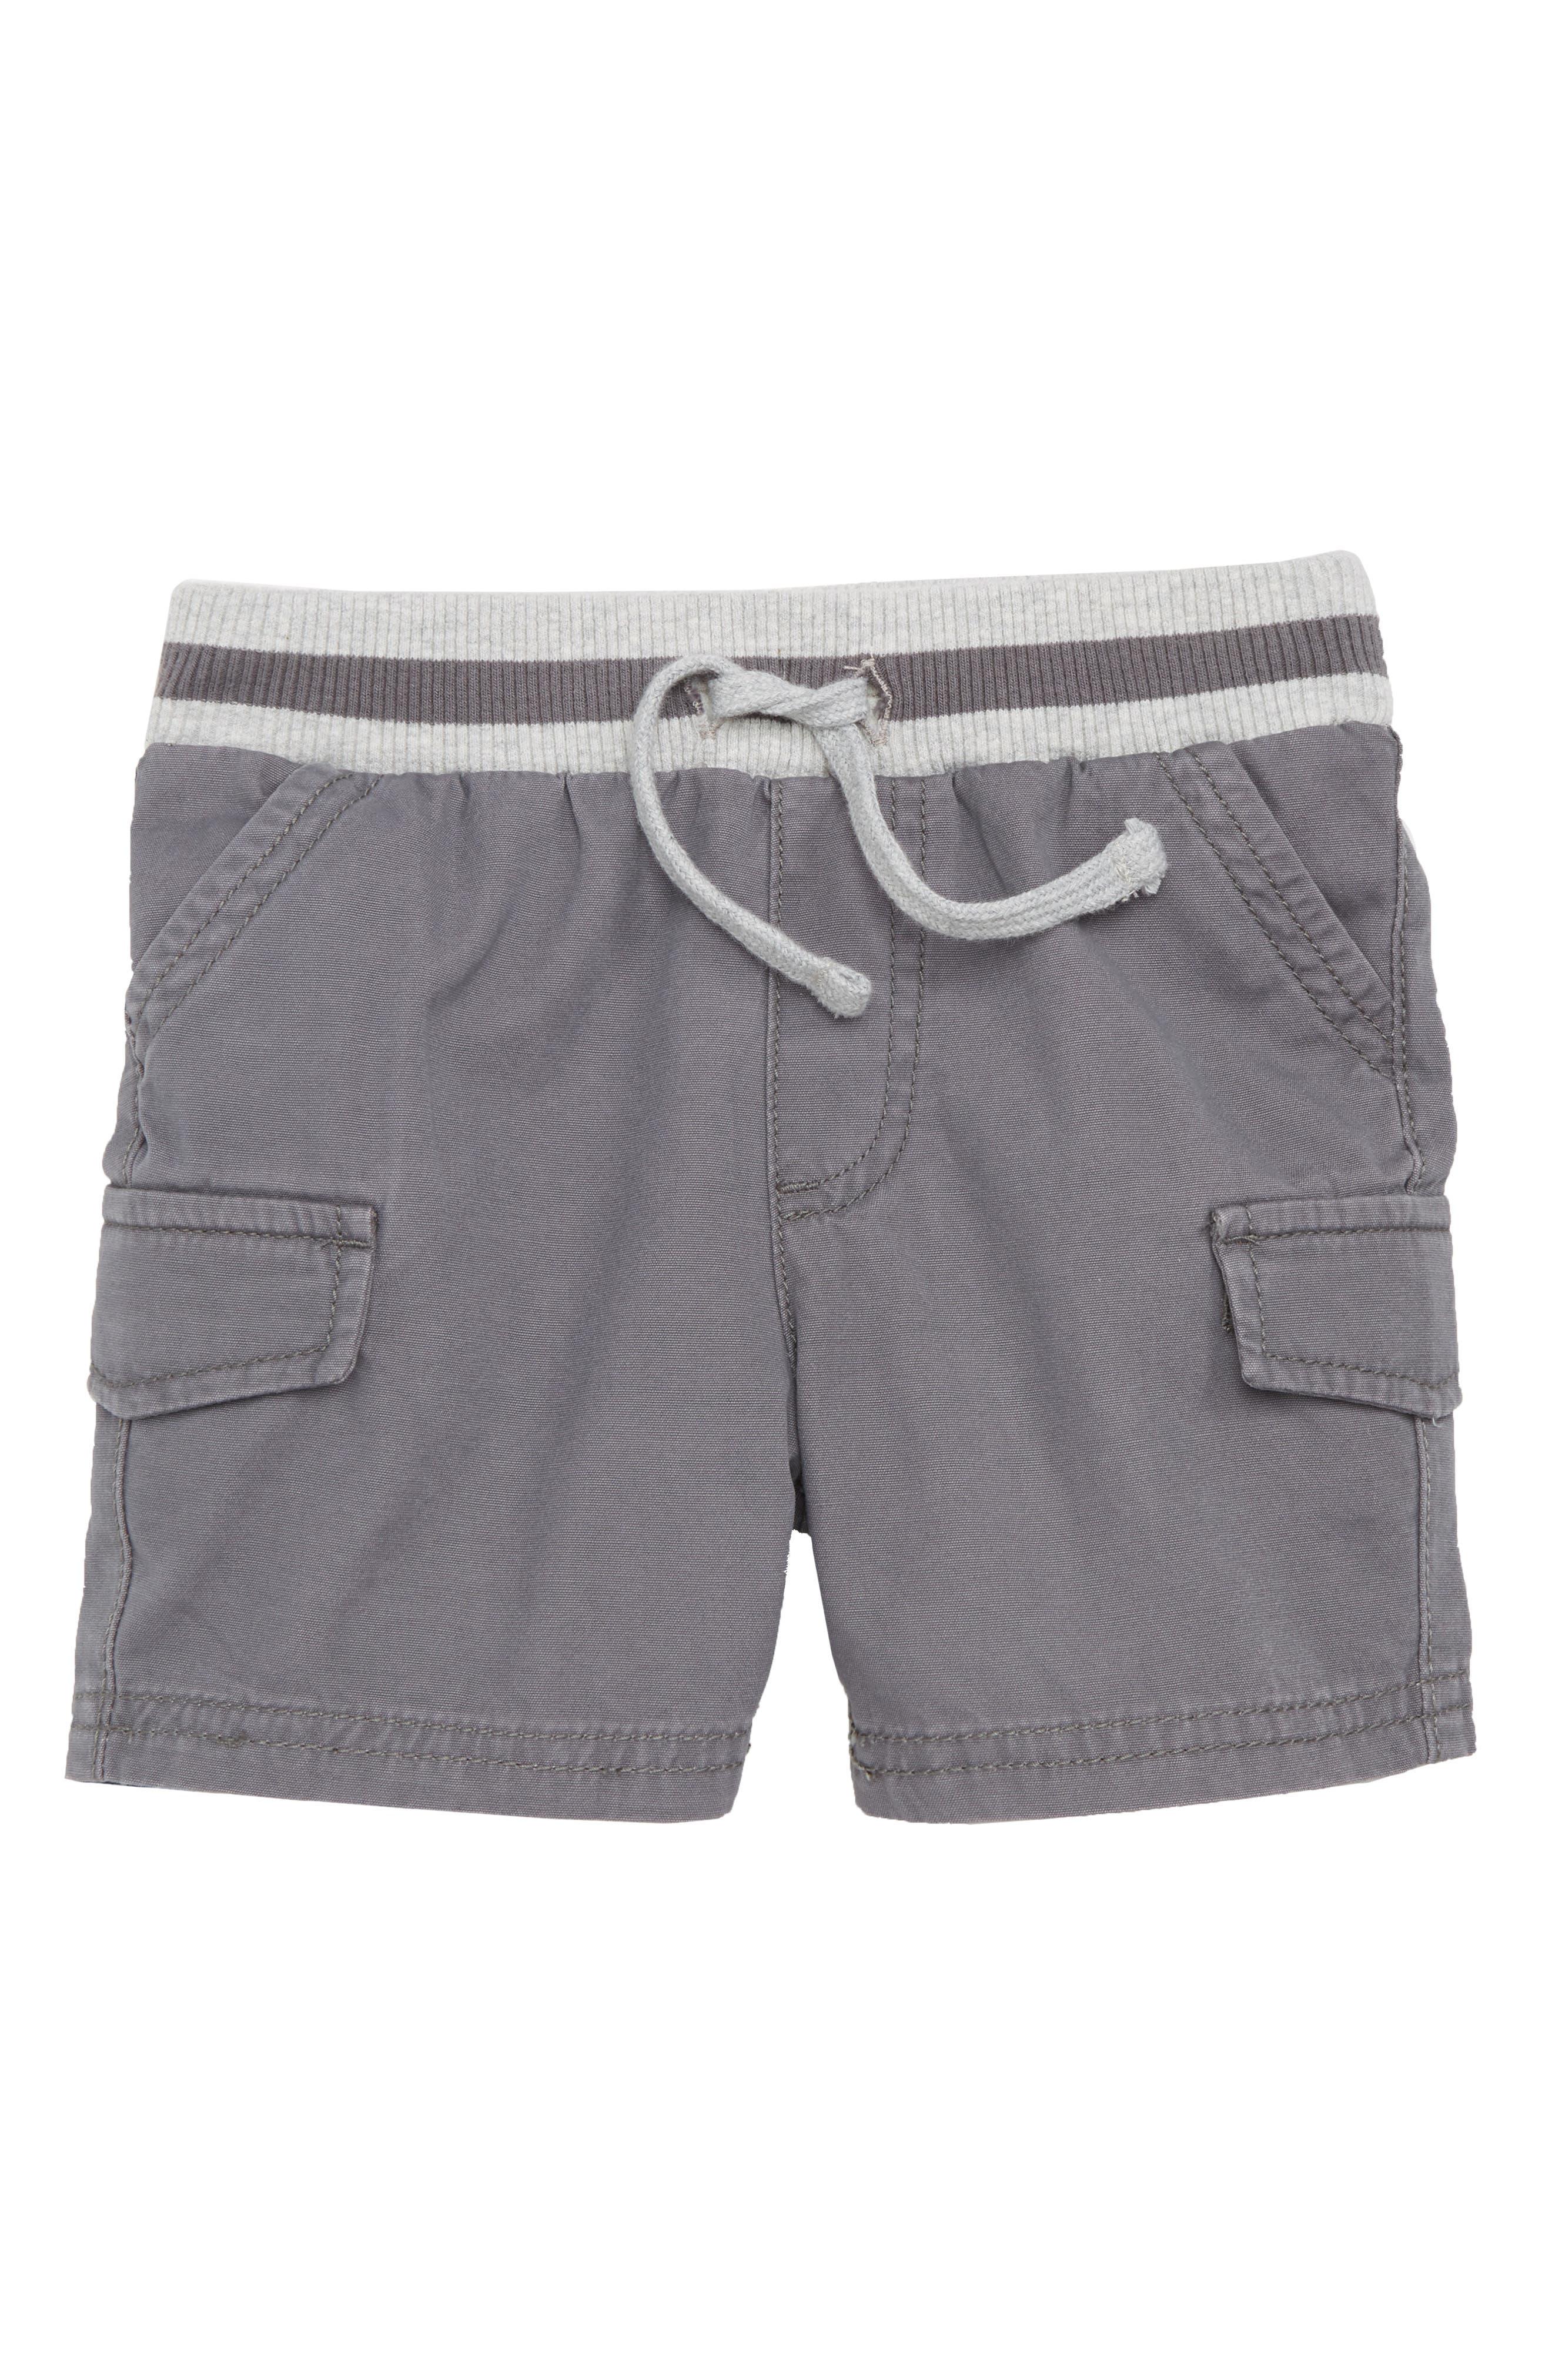 Cargo Shorts,                             Main thumbnail 1, color,                             021